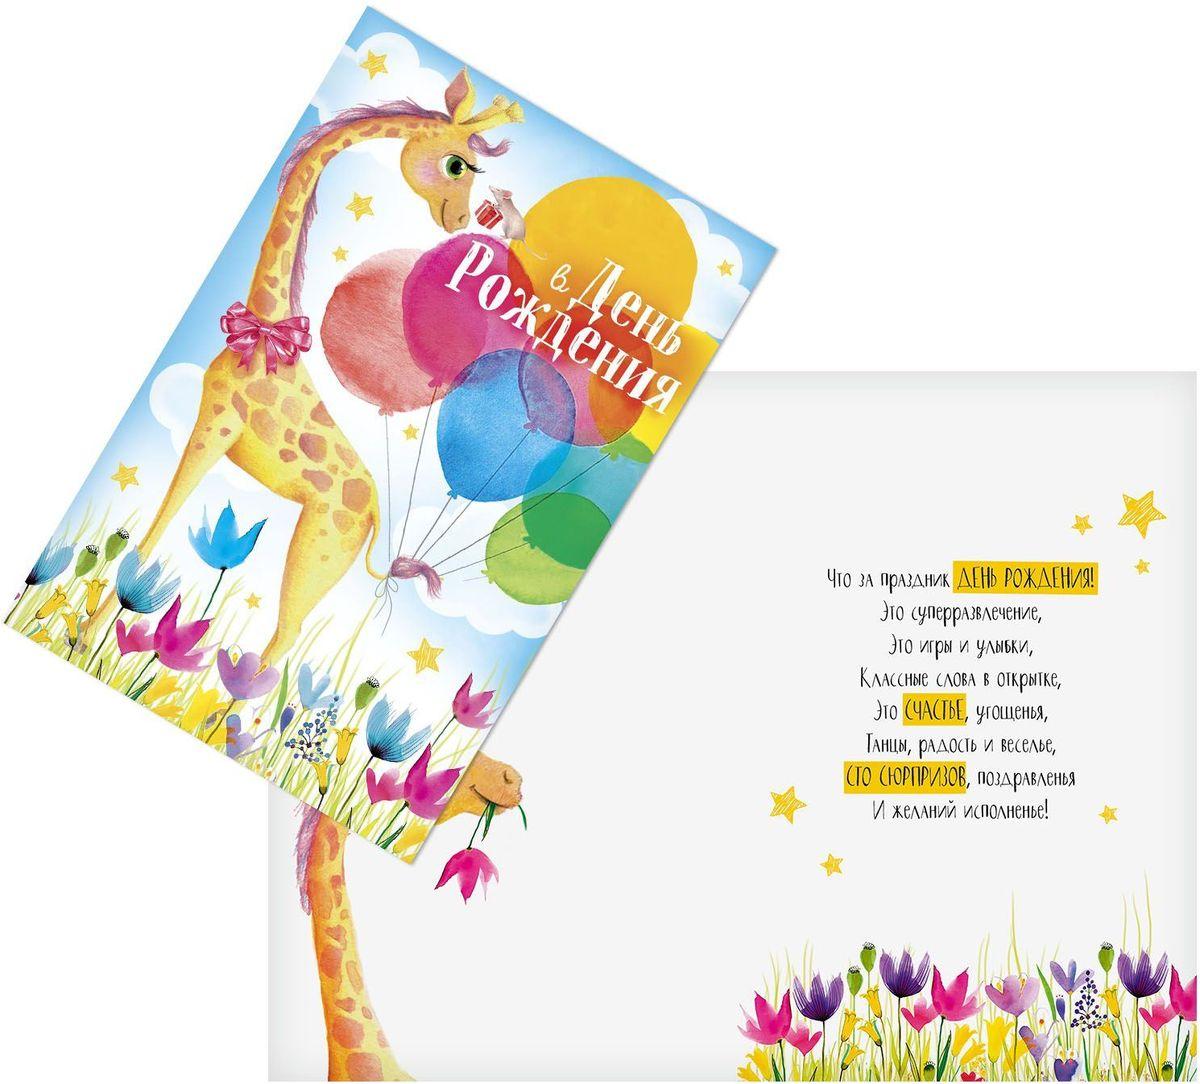 Открытка Дарите cчастье В день Рождения, 12 х18 смTHN132NВыразить свои чувства и дополнить основной подарок тёплыми словами вам поможет Открытка С Днем Рождения, с ней ваше пожелание «Счастья, любви и здоровья» приобретёт трепетный и душевный подтекст. А воспоминания о праздничном дне ещё долго будут радовать адресата.